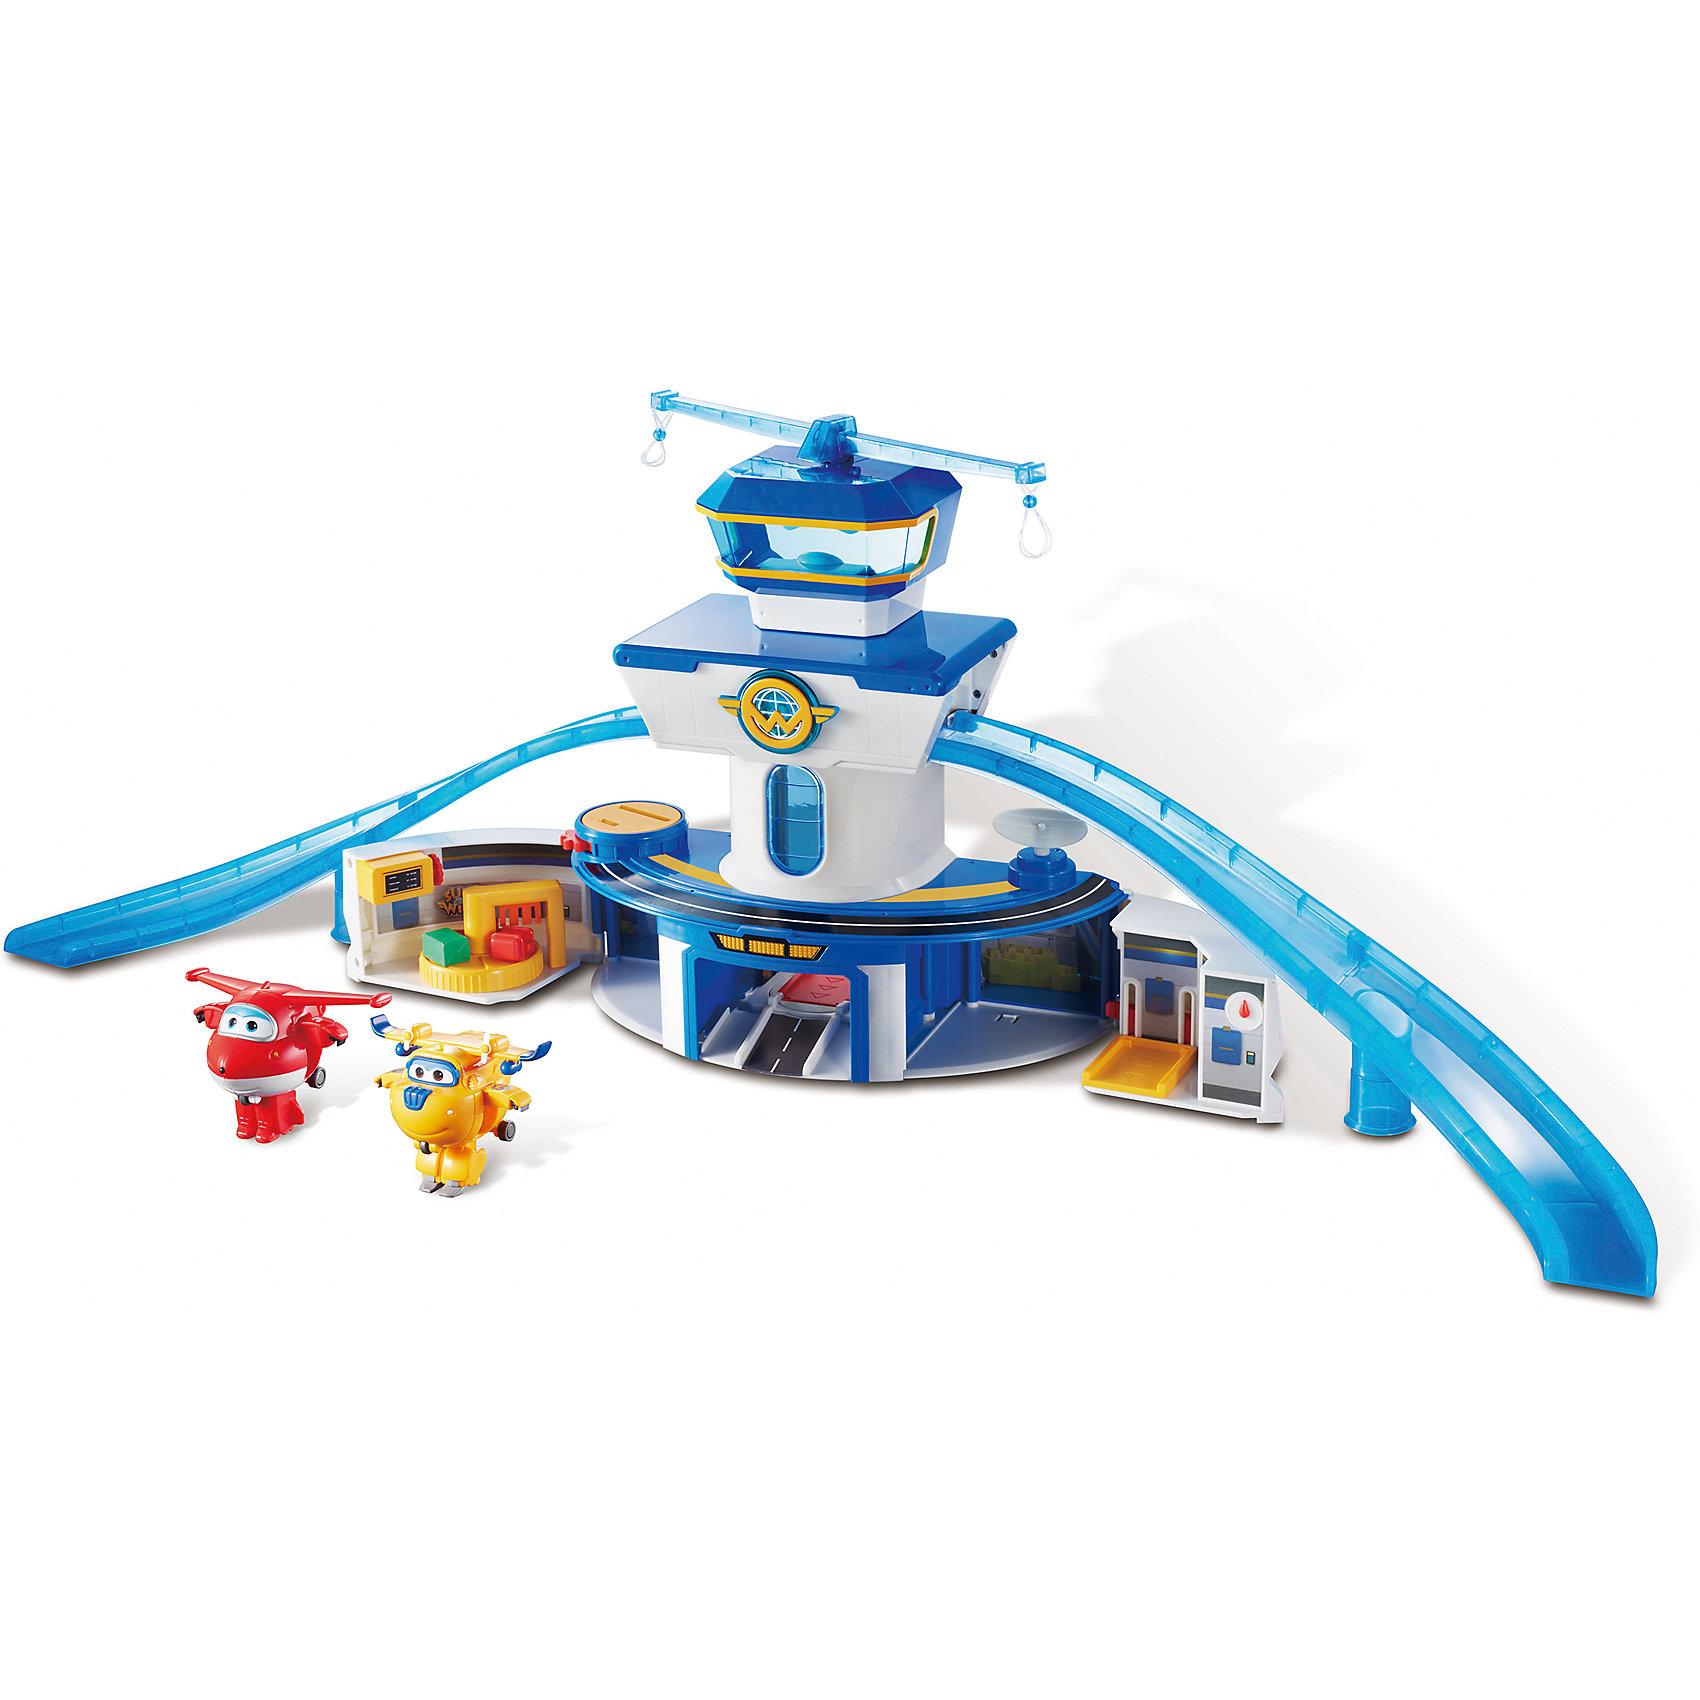 Набор «Аэропорт», Супер КрыльяСупер Крылья<br>Набор «Аэропорт», Супер Крылья.<br><br>Характеристики:<br><br>- В комплекте: игровая конструкция с аксессуарами, самолет-трансформер (2 шт.)<br>- Материал: пластик<br>- Размер конструкции: 89 см.<br>- Необходимы батарейки: 3 типа ААА<br>- Упаковка: картонная коробка<br><br>Функциональный игровой набор Аэропорт Супер Крылья включает игровую площадку и два самолета-трансформера, выполненных в виде персонажей известного детского мультфильма «Супер Крылья» - красный Джетт и желтый Донни. На территории игрушечного аэропорта множество подвижных деталей, предусмотрено включение световых и звуковых эффектов. Первый этаж игровой площадки раскладывается: с левой стороны - багажное отделение, с правой - площадка для подъема самолетика. Башня аэропорта оборудована подвижным лифтом со звуковыми и световыми эффектами, по обе стороны башни расположены две горки - взлетные полосы, на третьем этаже – диспетчерская. На крыше здания аэропорта установлены две вращающиеся планки с креплениями для самолетиков. Показания табло на здании можно менять, а антенну и радар поворачивать в разные стороны. Входящие в набор трансформеры Джетт и Донни легко трансформируются из самолетиков в роботов-человечков. Трансформация в три шага. Набор изготовлен из высококачественного пластика. Развивает логику, воображение и мелкую моторику рук ребенка.<br><br>Набор «Аэропорт», Супер Крылья можно купить в нашем интернет-магазине.<br><br>Ширина мм: 606<br>Глубина мм: 430<br>Высота мм: 165<br>Вес г: 1469<br>Возраст от месяцев: 36<br>Возраст до месяцев: 2147483647<br>Пол: Унисекс<br>Возраст: Детский<br>SKU: 5059833